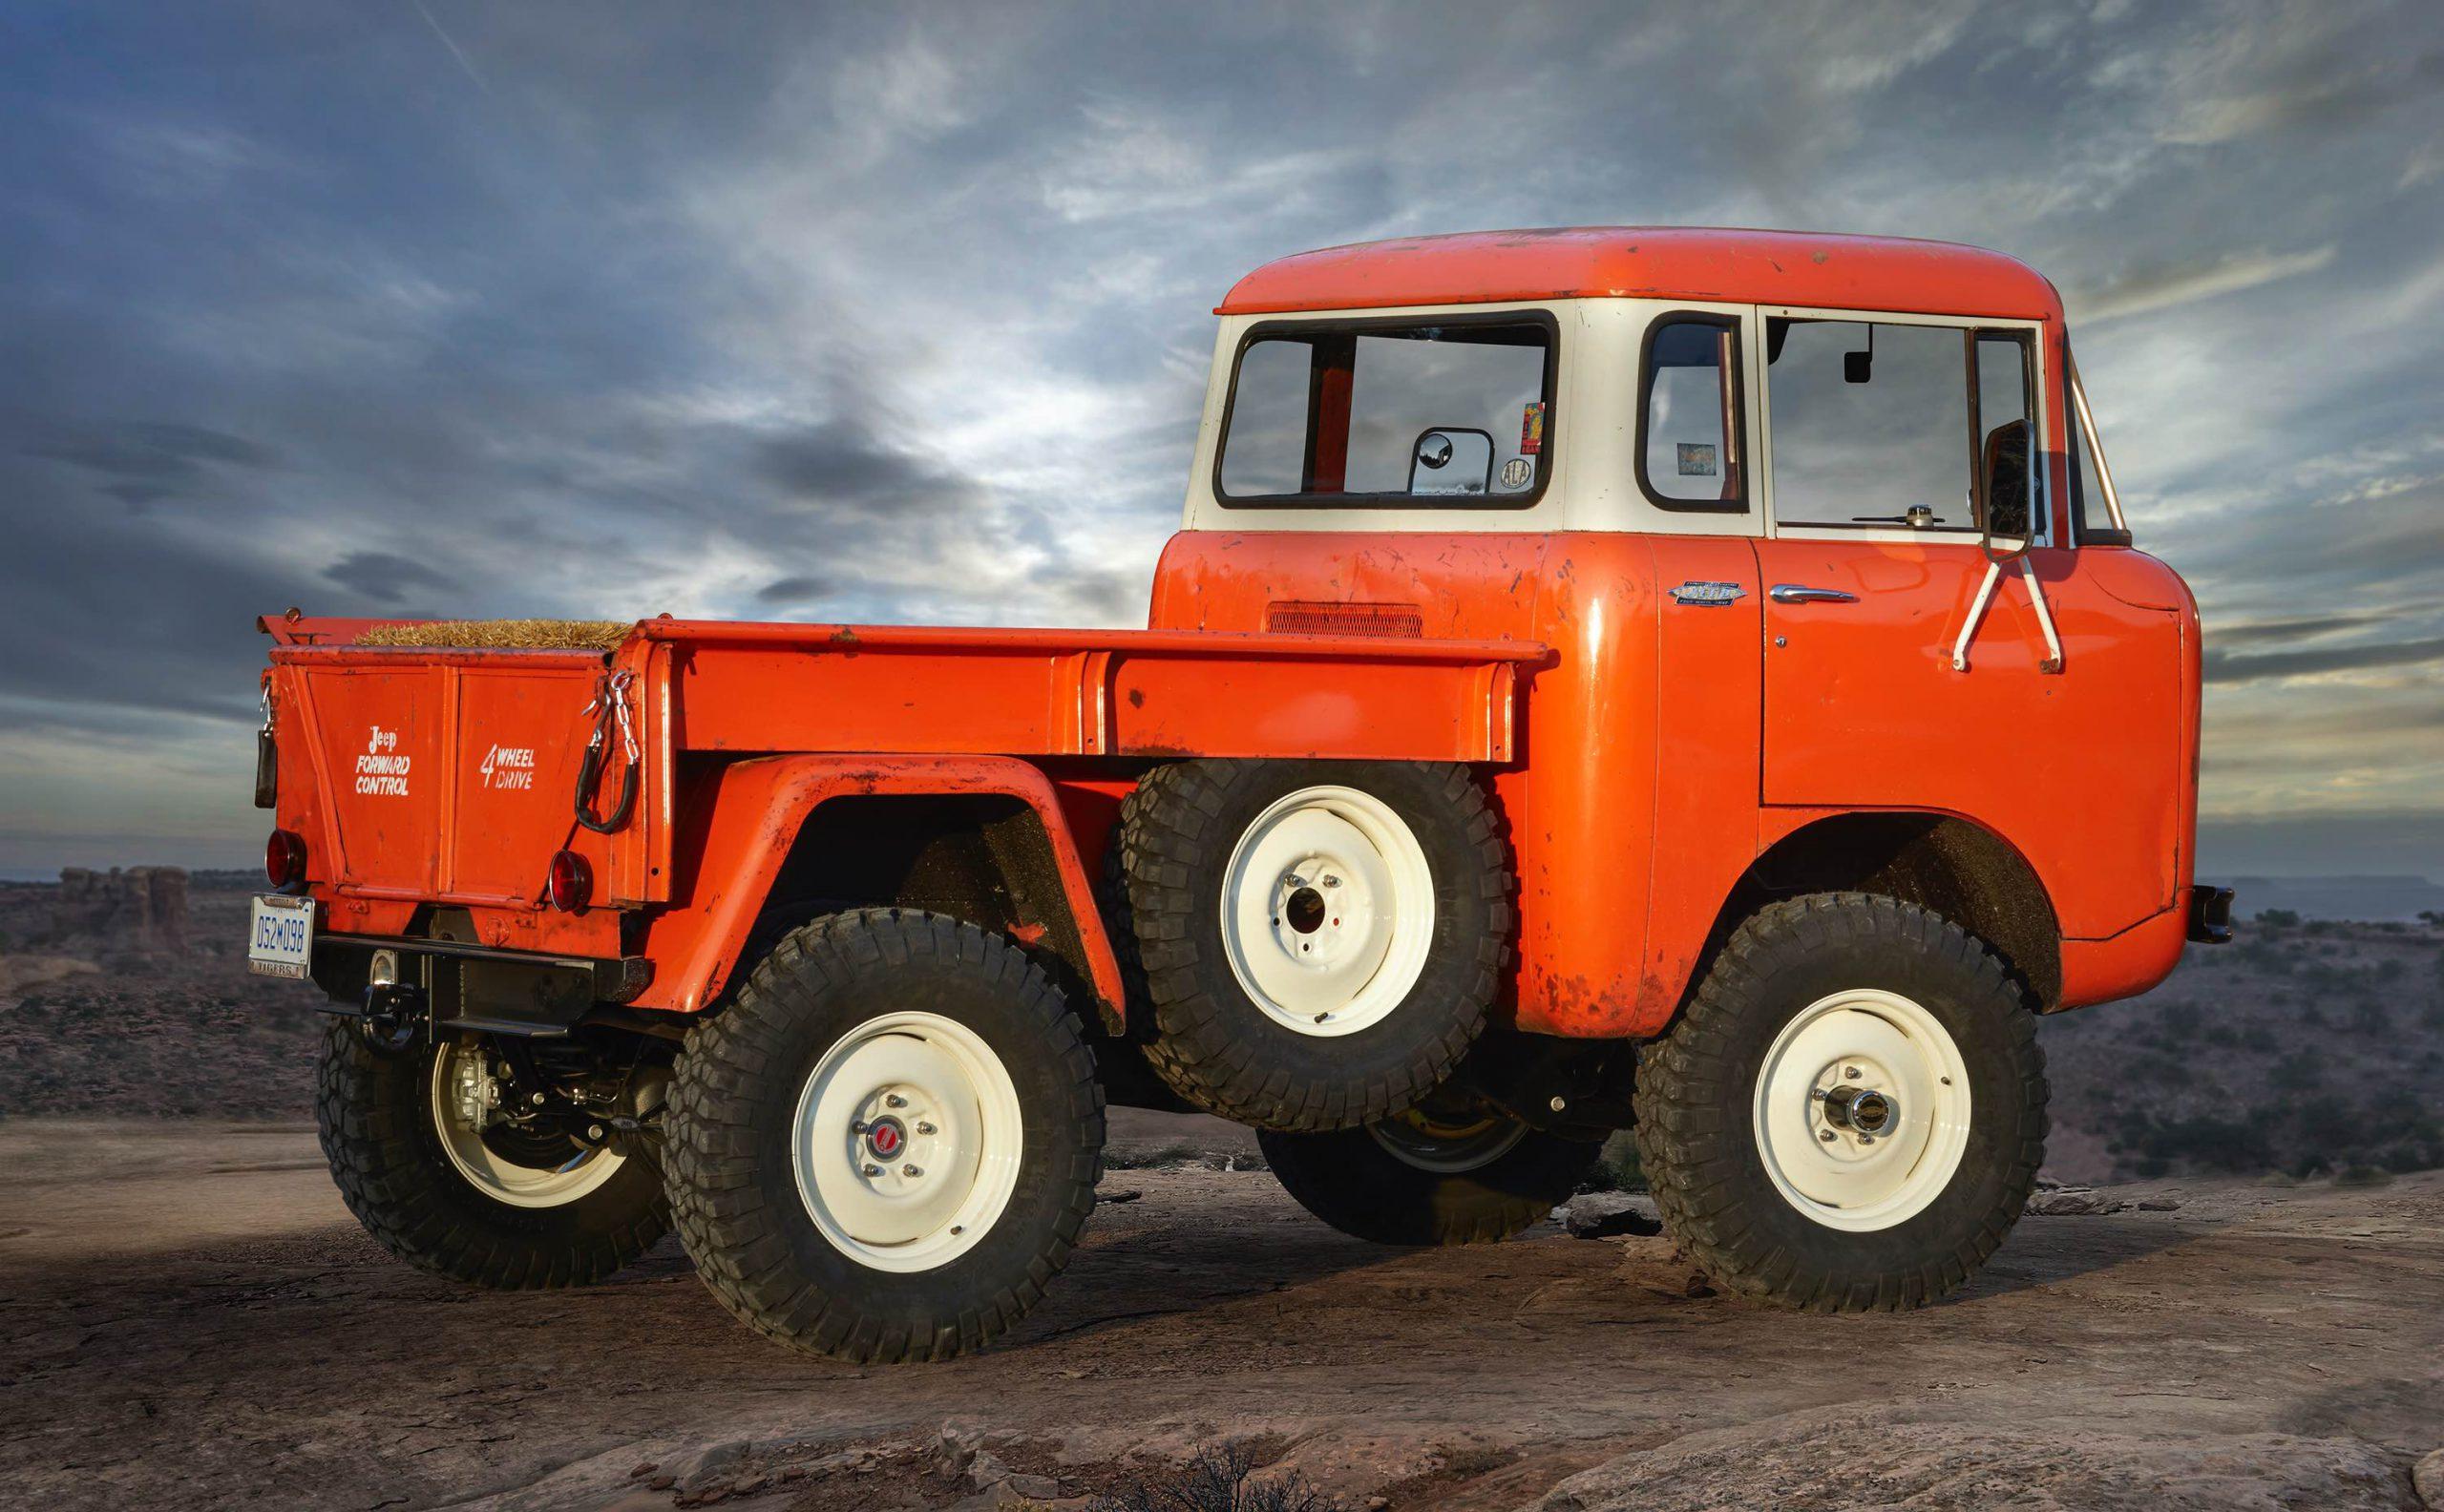 Jeep? FC 150 Heritage Vehicle